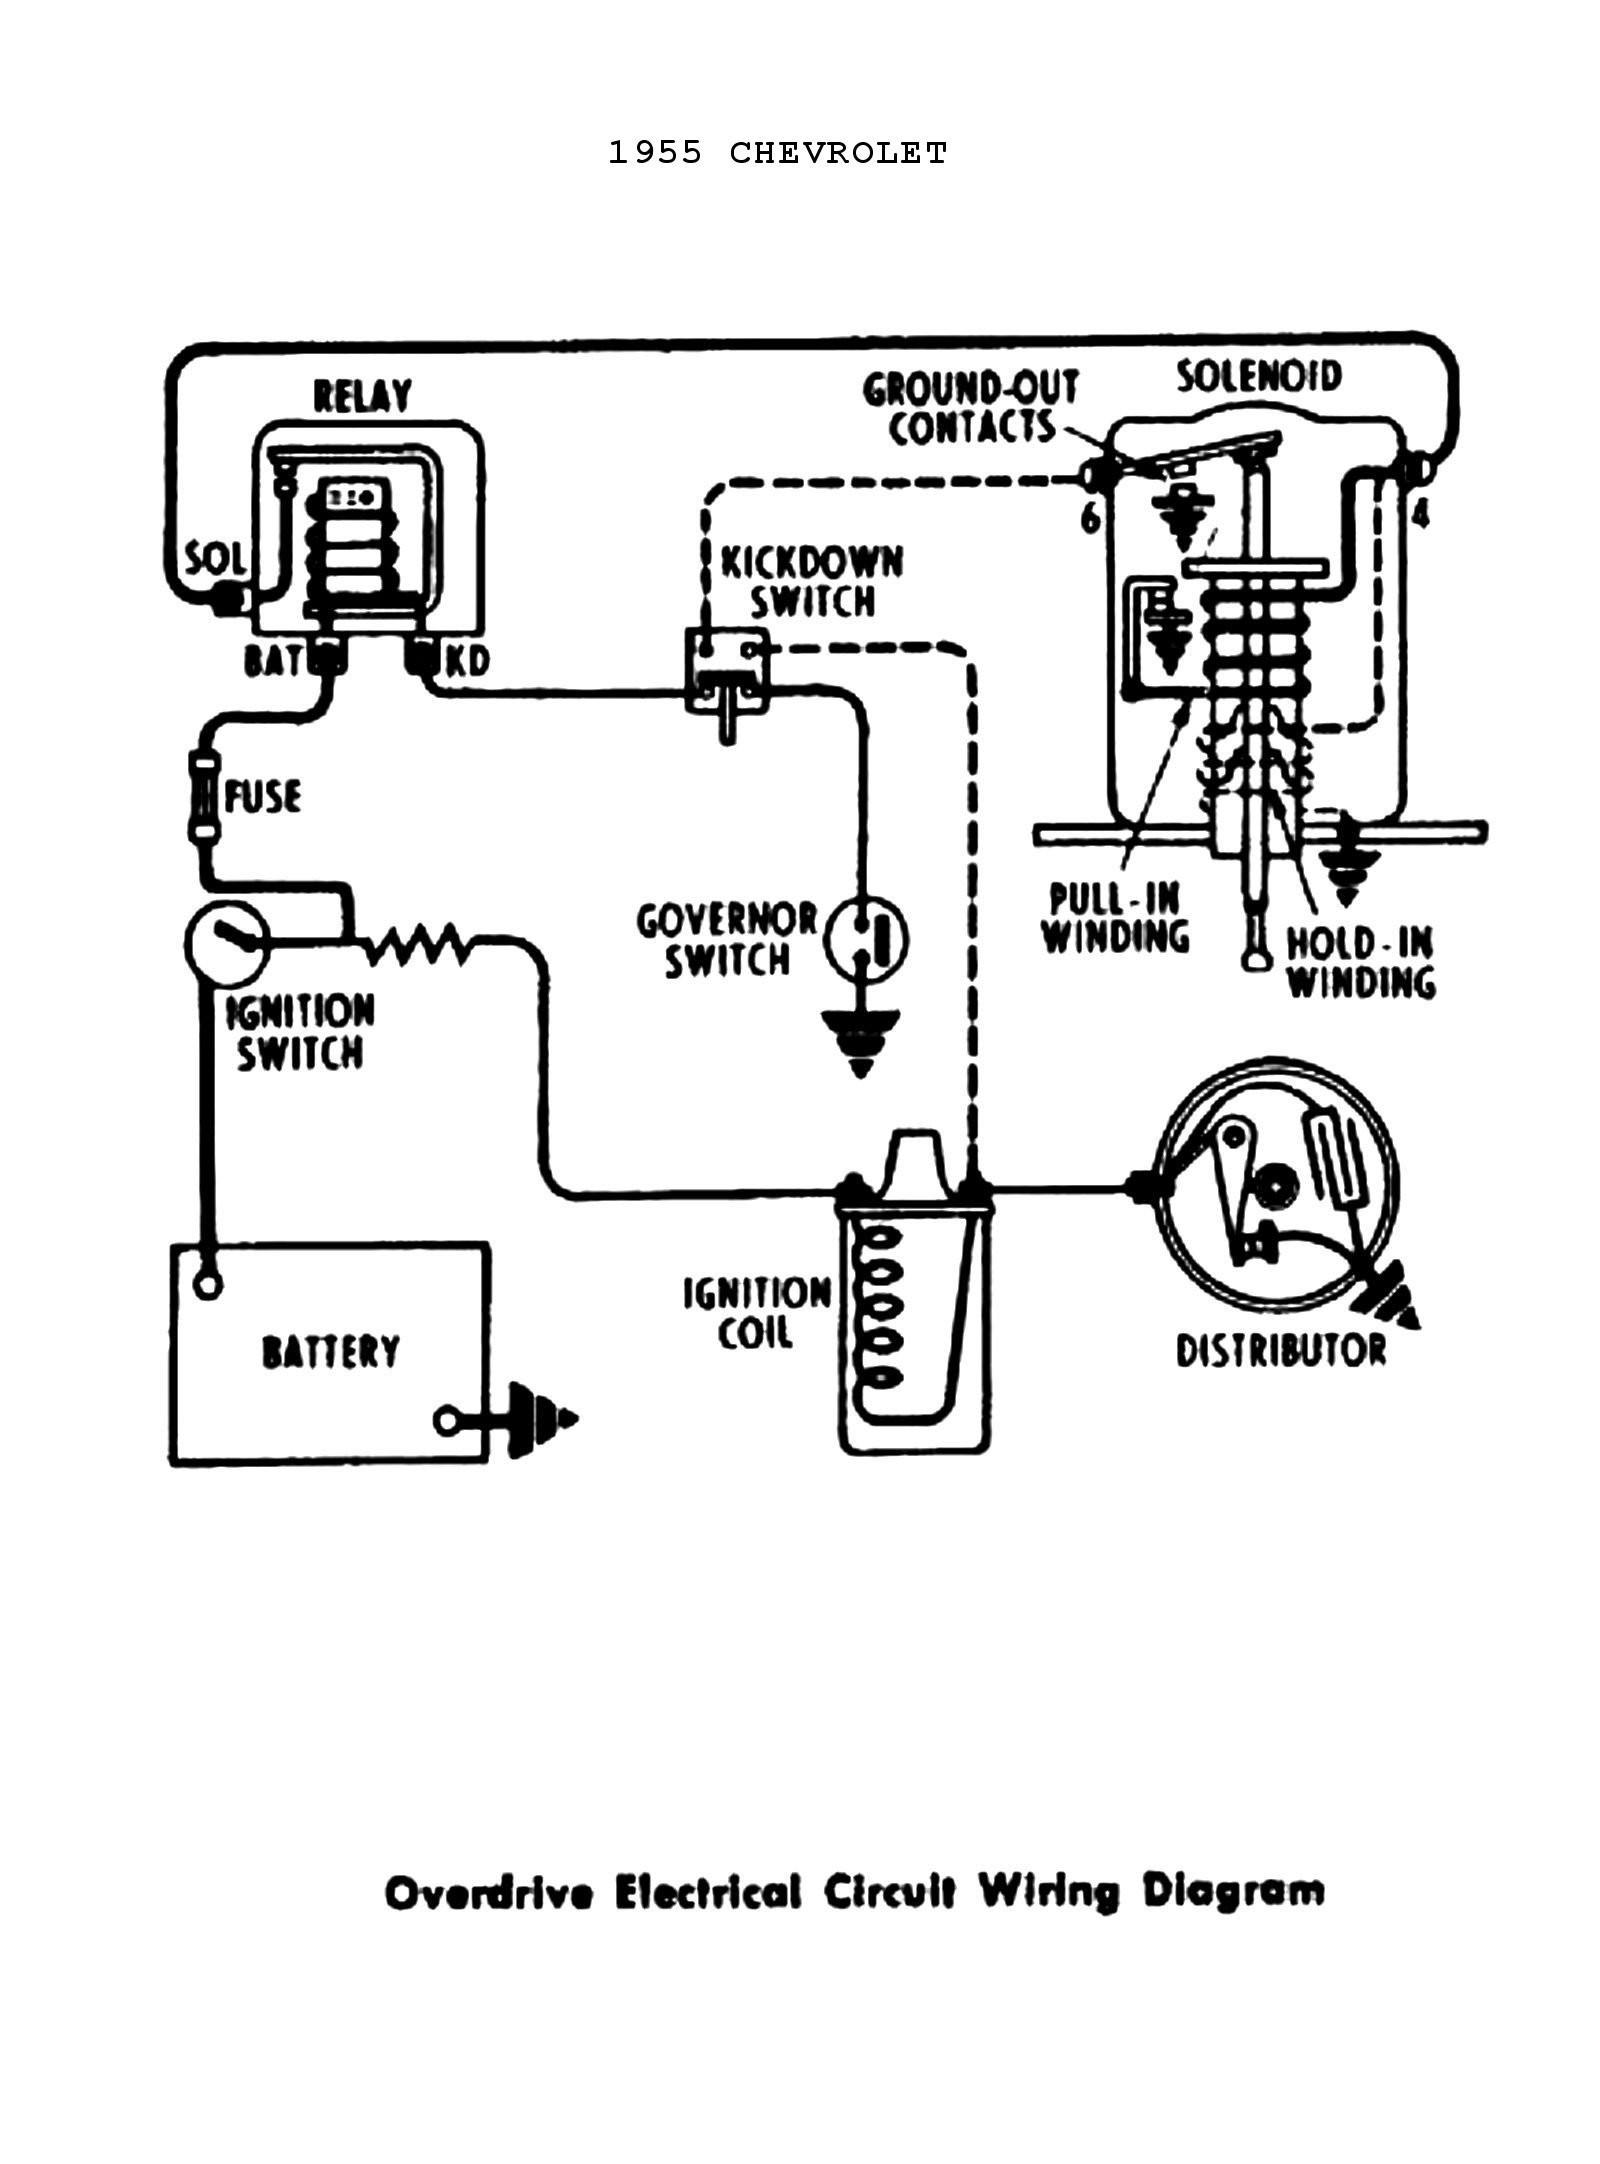 Automotive Switch Wiring Diagram New Car Ignition System Wiring Diagram Ignition Switch Wiring Diagram